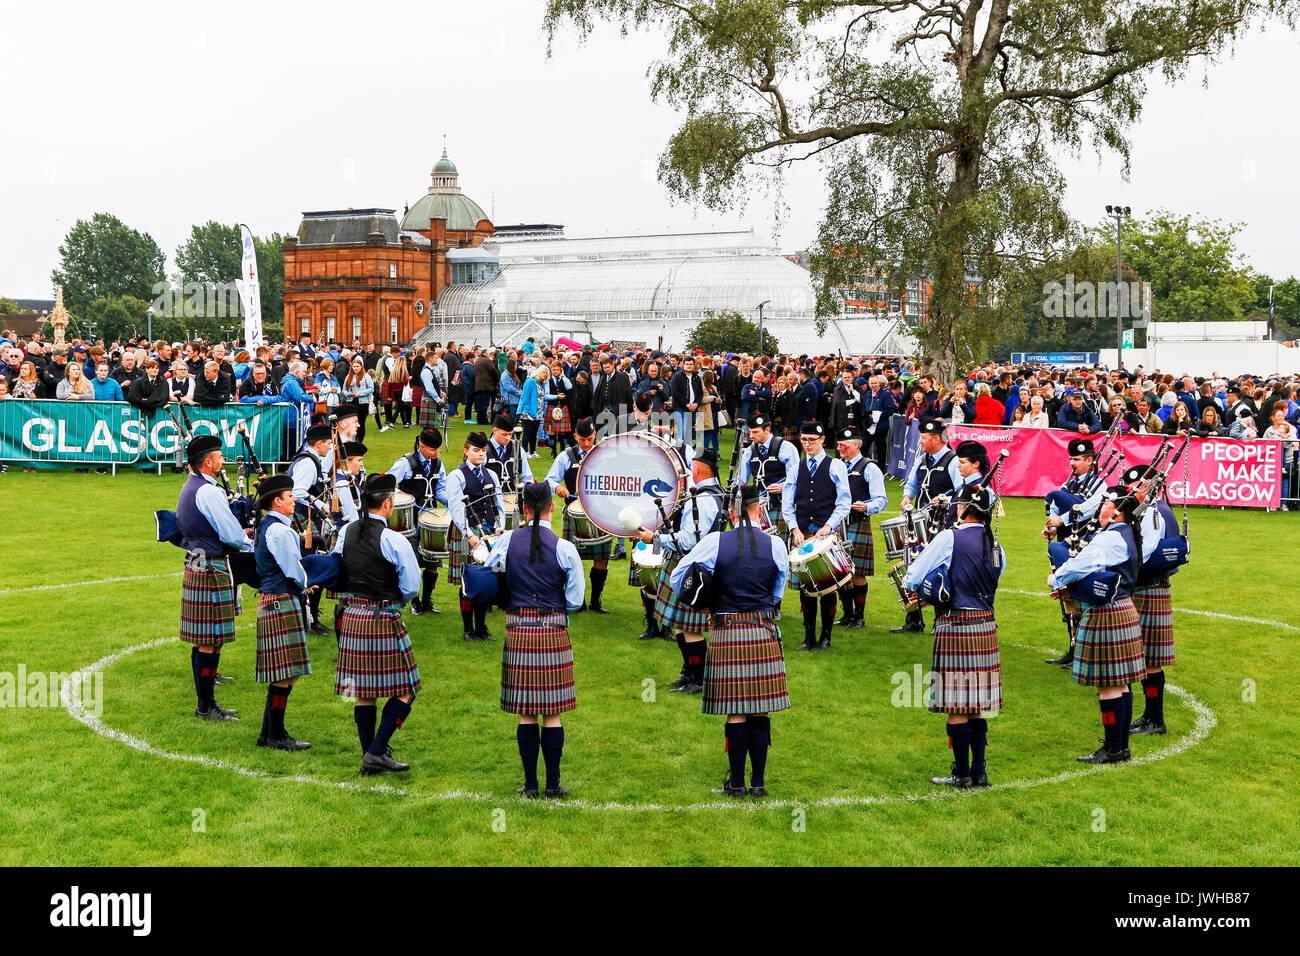 Glasgow, UK. 12 Aug, 2017. Es wurde geschätzt, dass mehr als 10.000 Zuschauer stellte sich dann heraus, dass der Stockfoto